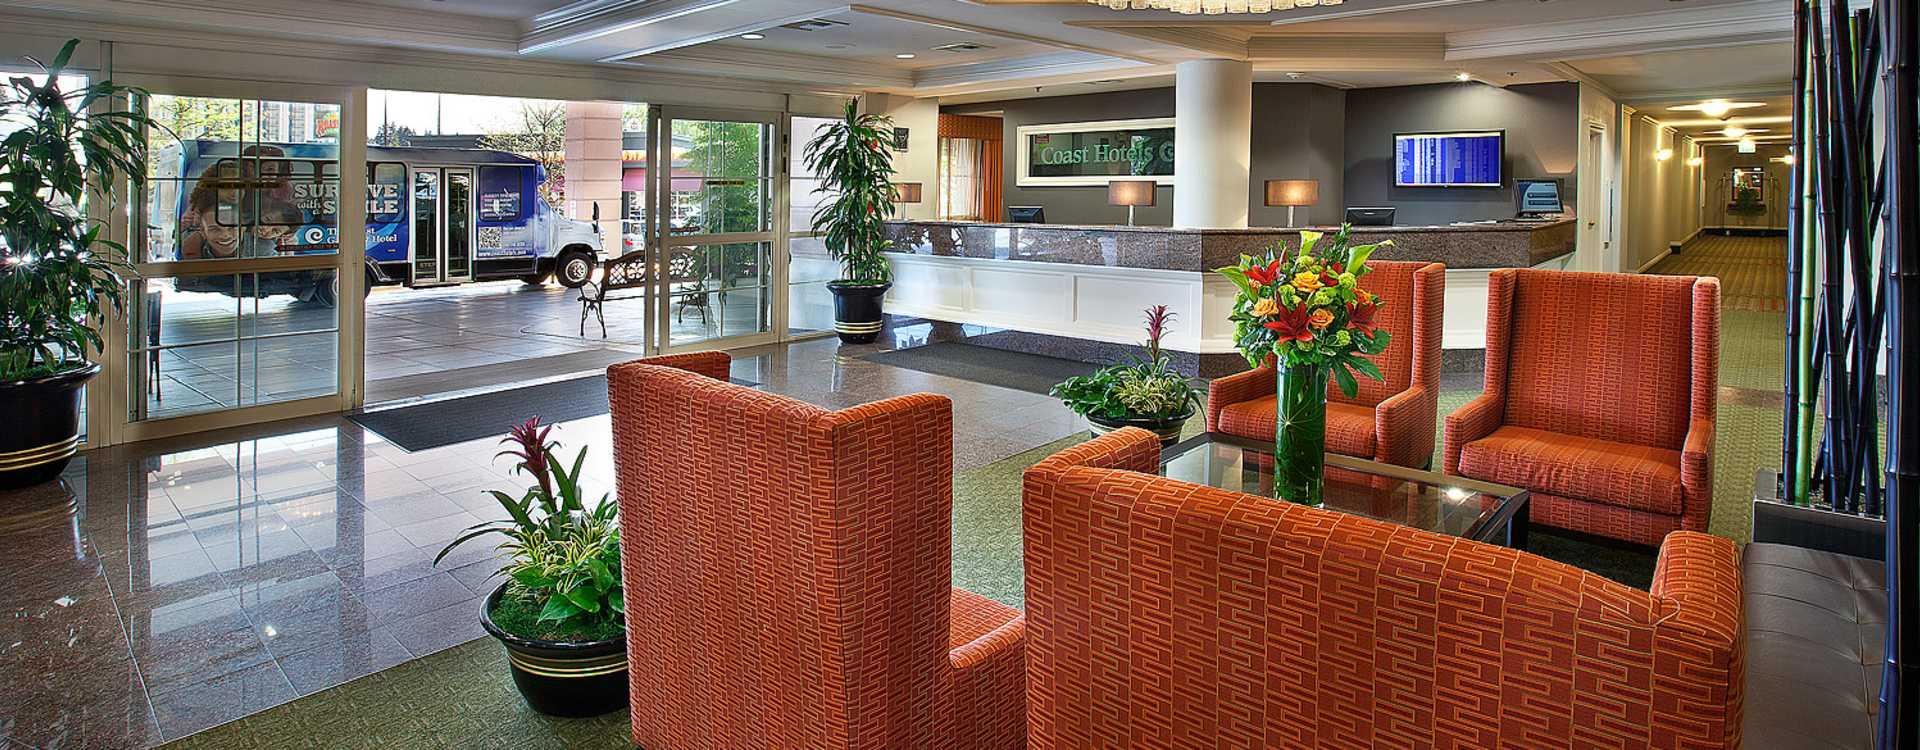 Coast Gateway Hotel Lobby